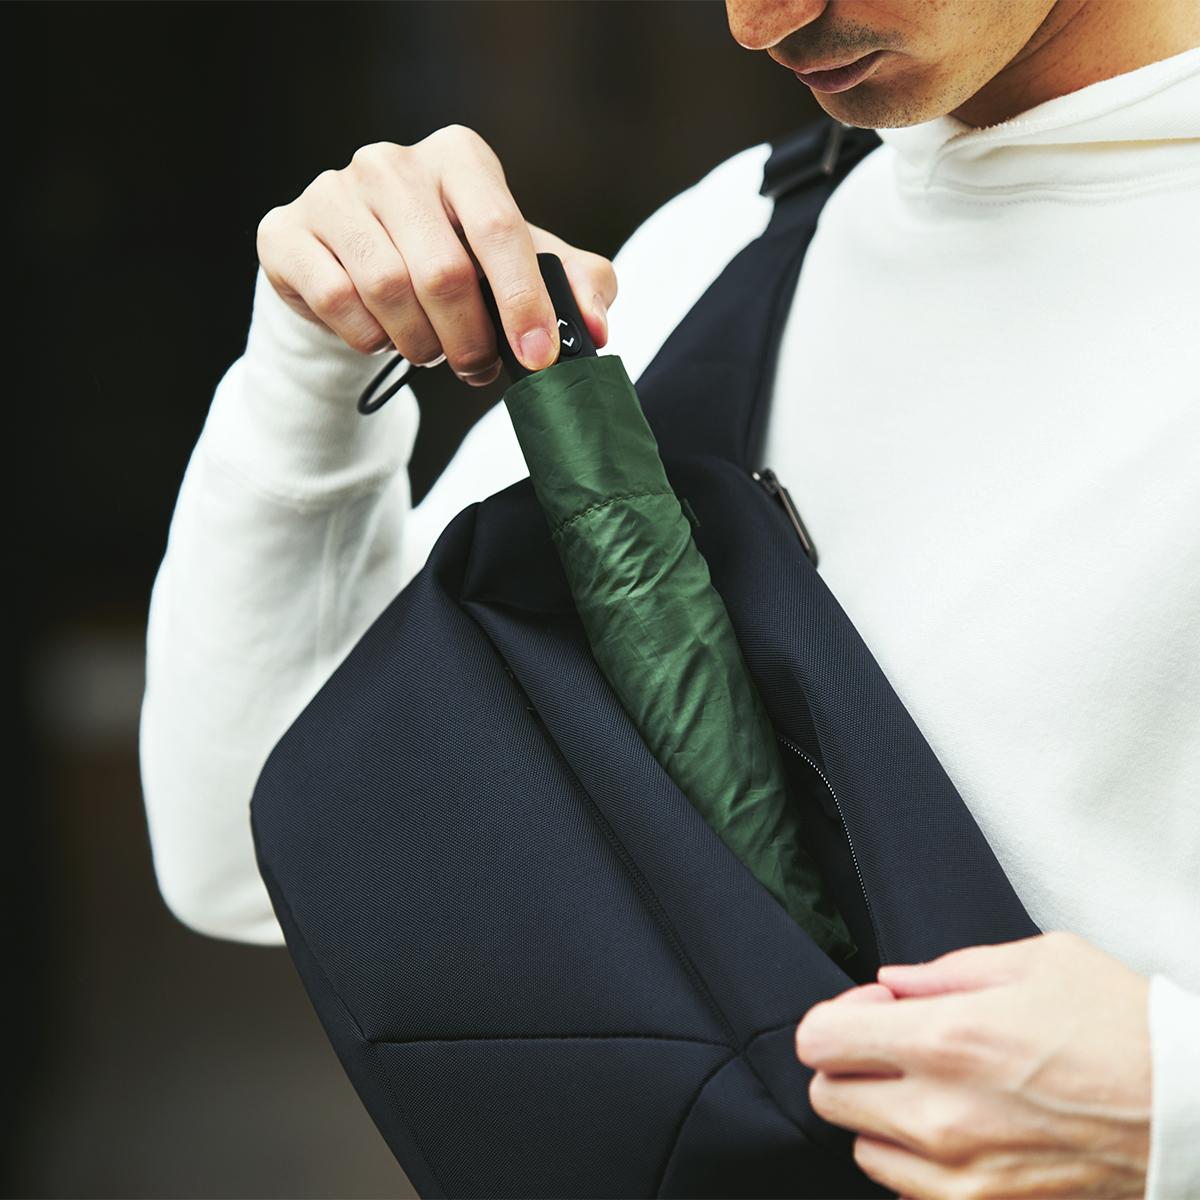 iPhone X(174g)よりも軽いので、バッグの中に入れっぱなしでも、重さはほとんど気になりません。親指1本でカンタン開閉、風に強く、丈夫な構造の「ワンタッチ開閉式折りたたみ傘」|VERYKAL